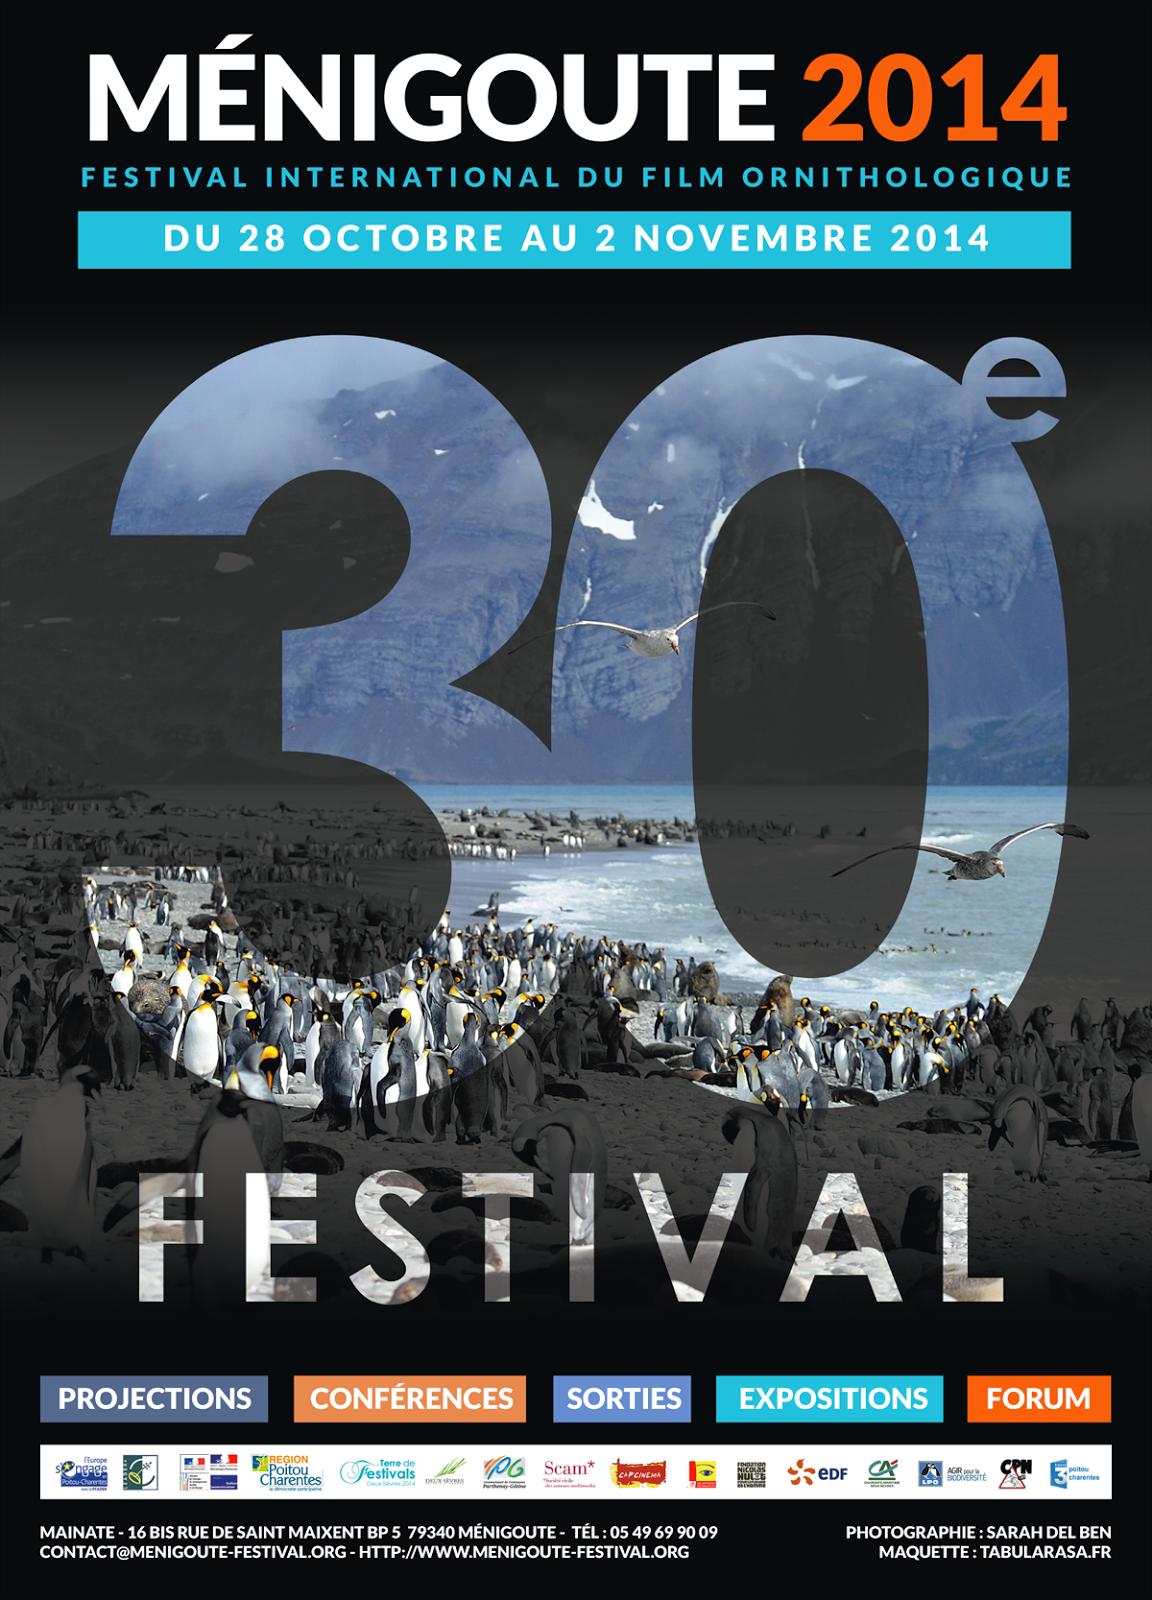 L'affiche du trentième festival ornithologique de Ménigoute